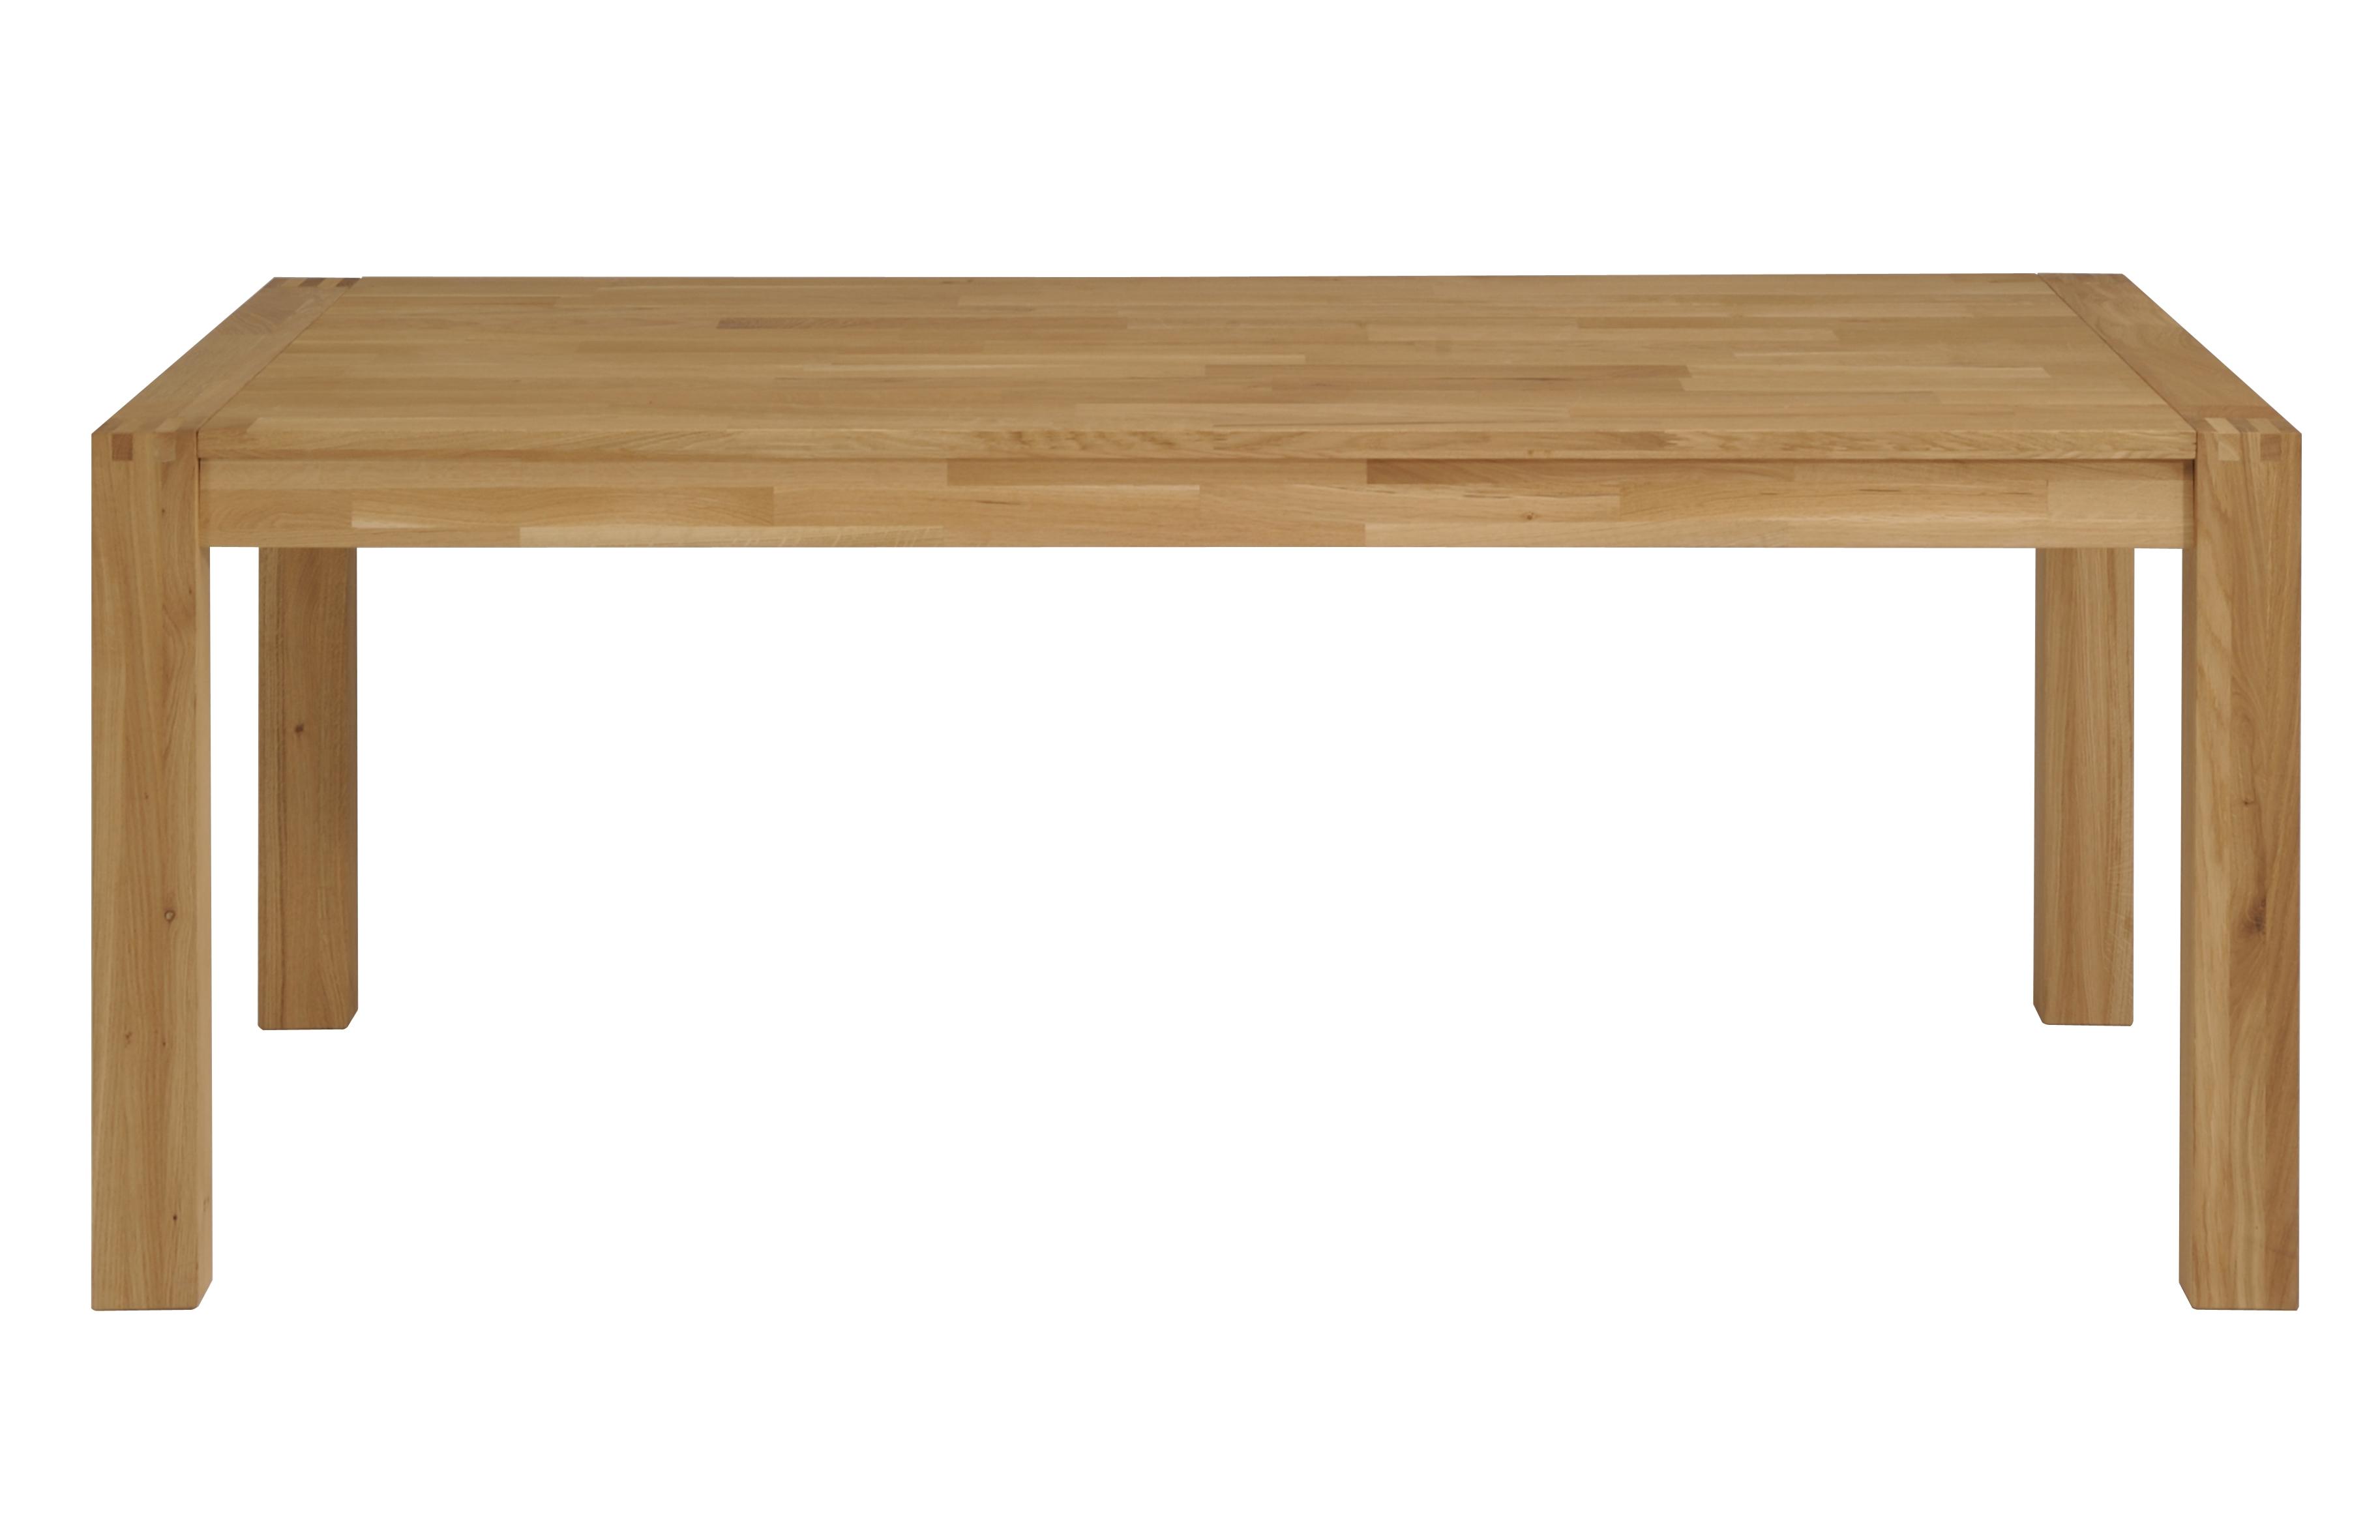 Table en ch ne massif huil avec allonge foreste - Table chene massif huile ...